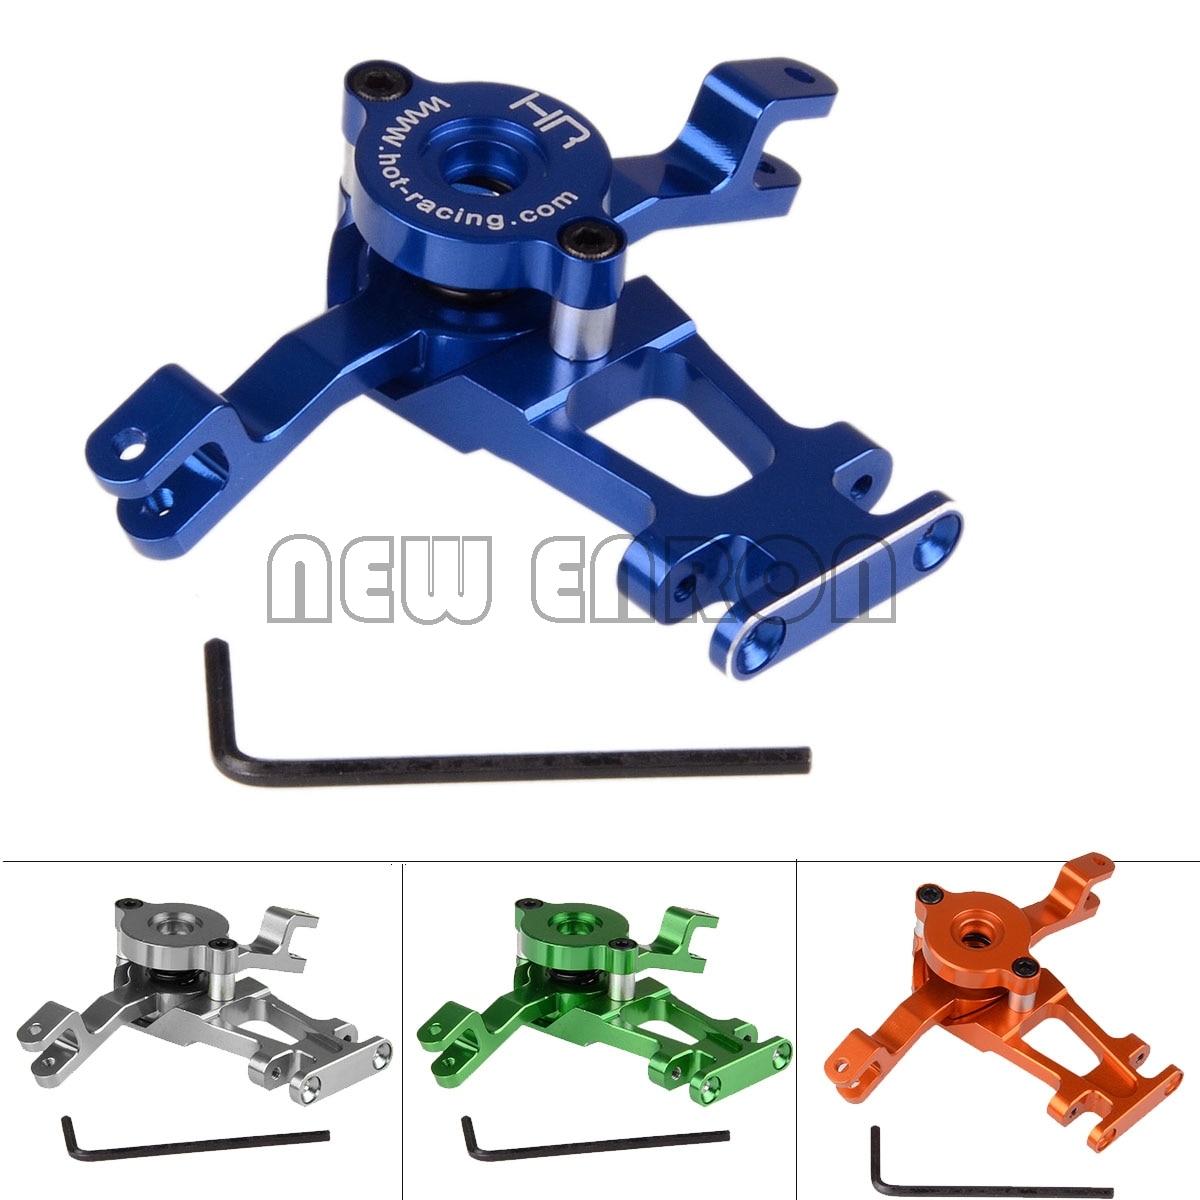 NEW ENRON 1:10 Aluminum Steering Assembly Bell Crank FIT FOR TRAXXAS 1/10 REVO 2.5/3.3 / E-REVO TRV048